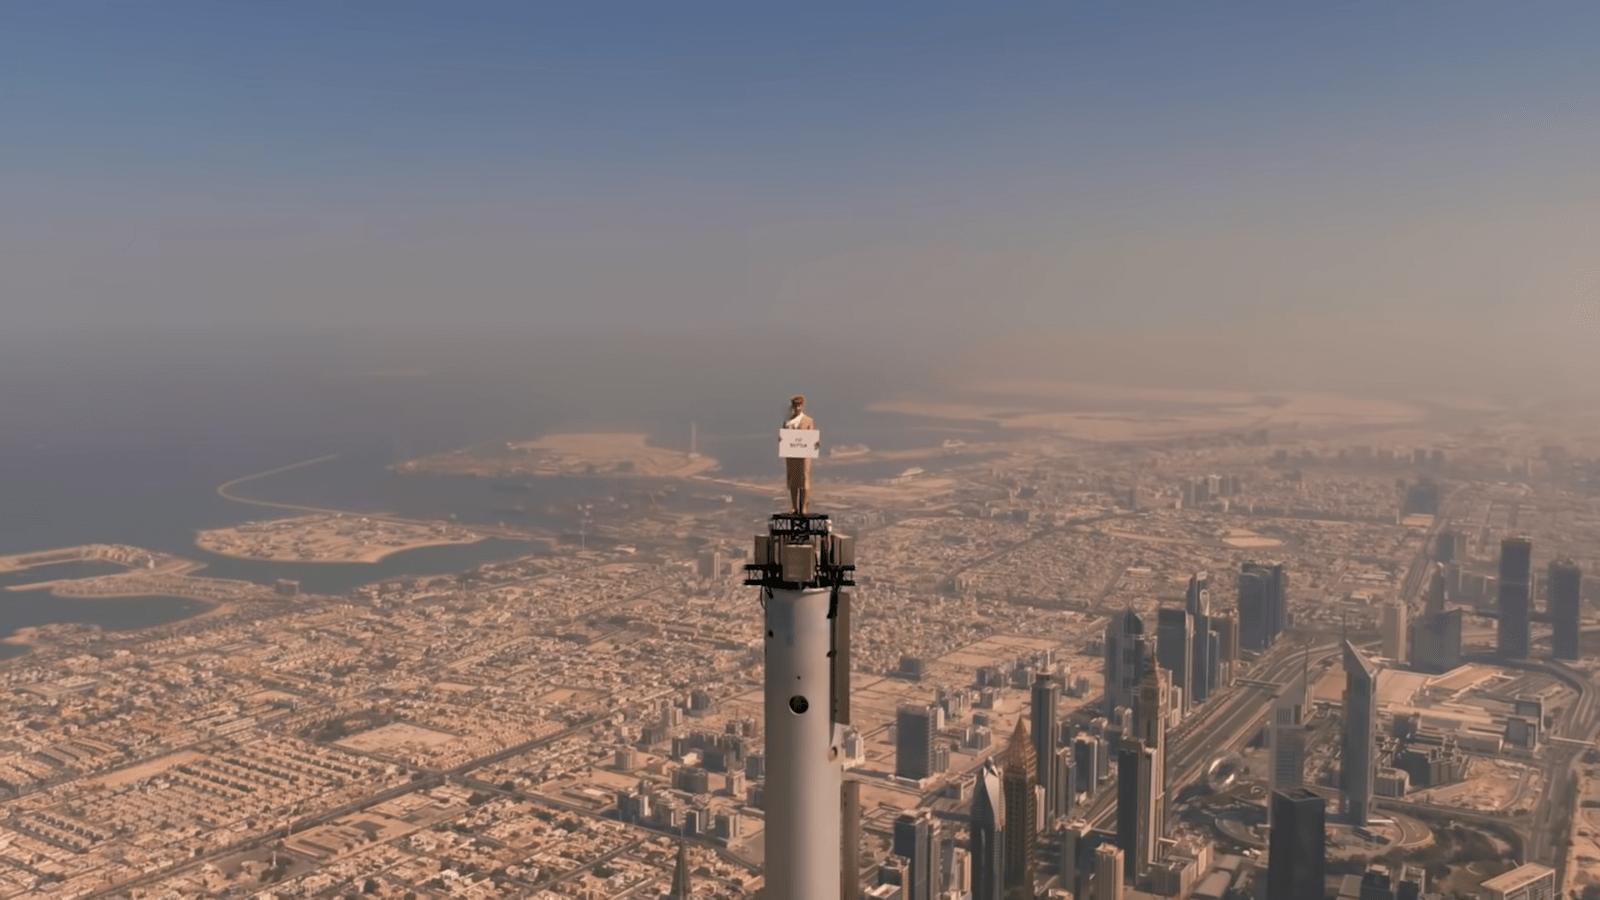 Авиакомпания Emirates сняла ролик со стюардессой на вершине Бурдж-Халифа с помощью одного дрона